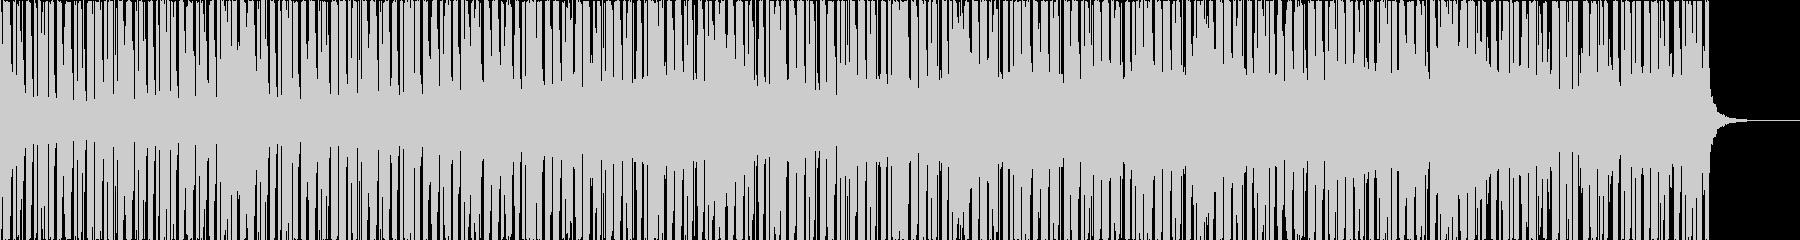 切ない雰囲気のエレクトロ楽曲、2の未再生の波形